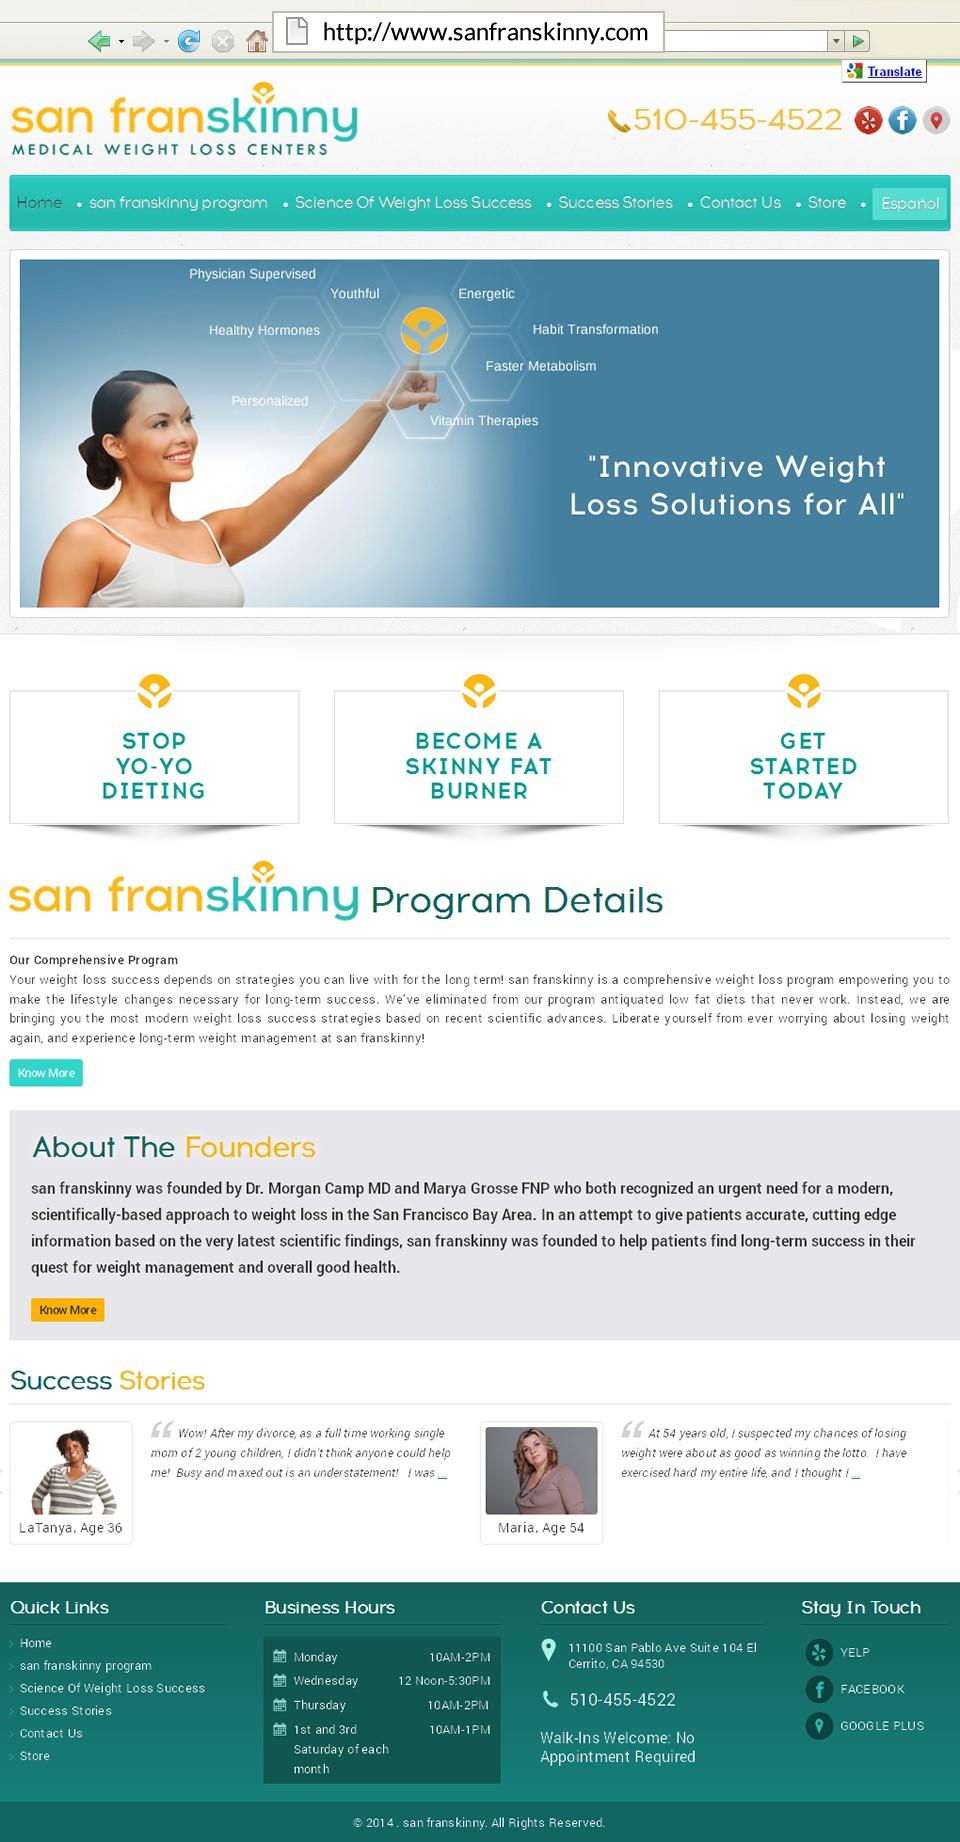 http://www.smartinfosys.net/49610/sanfranskinny.jpg